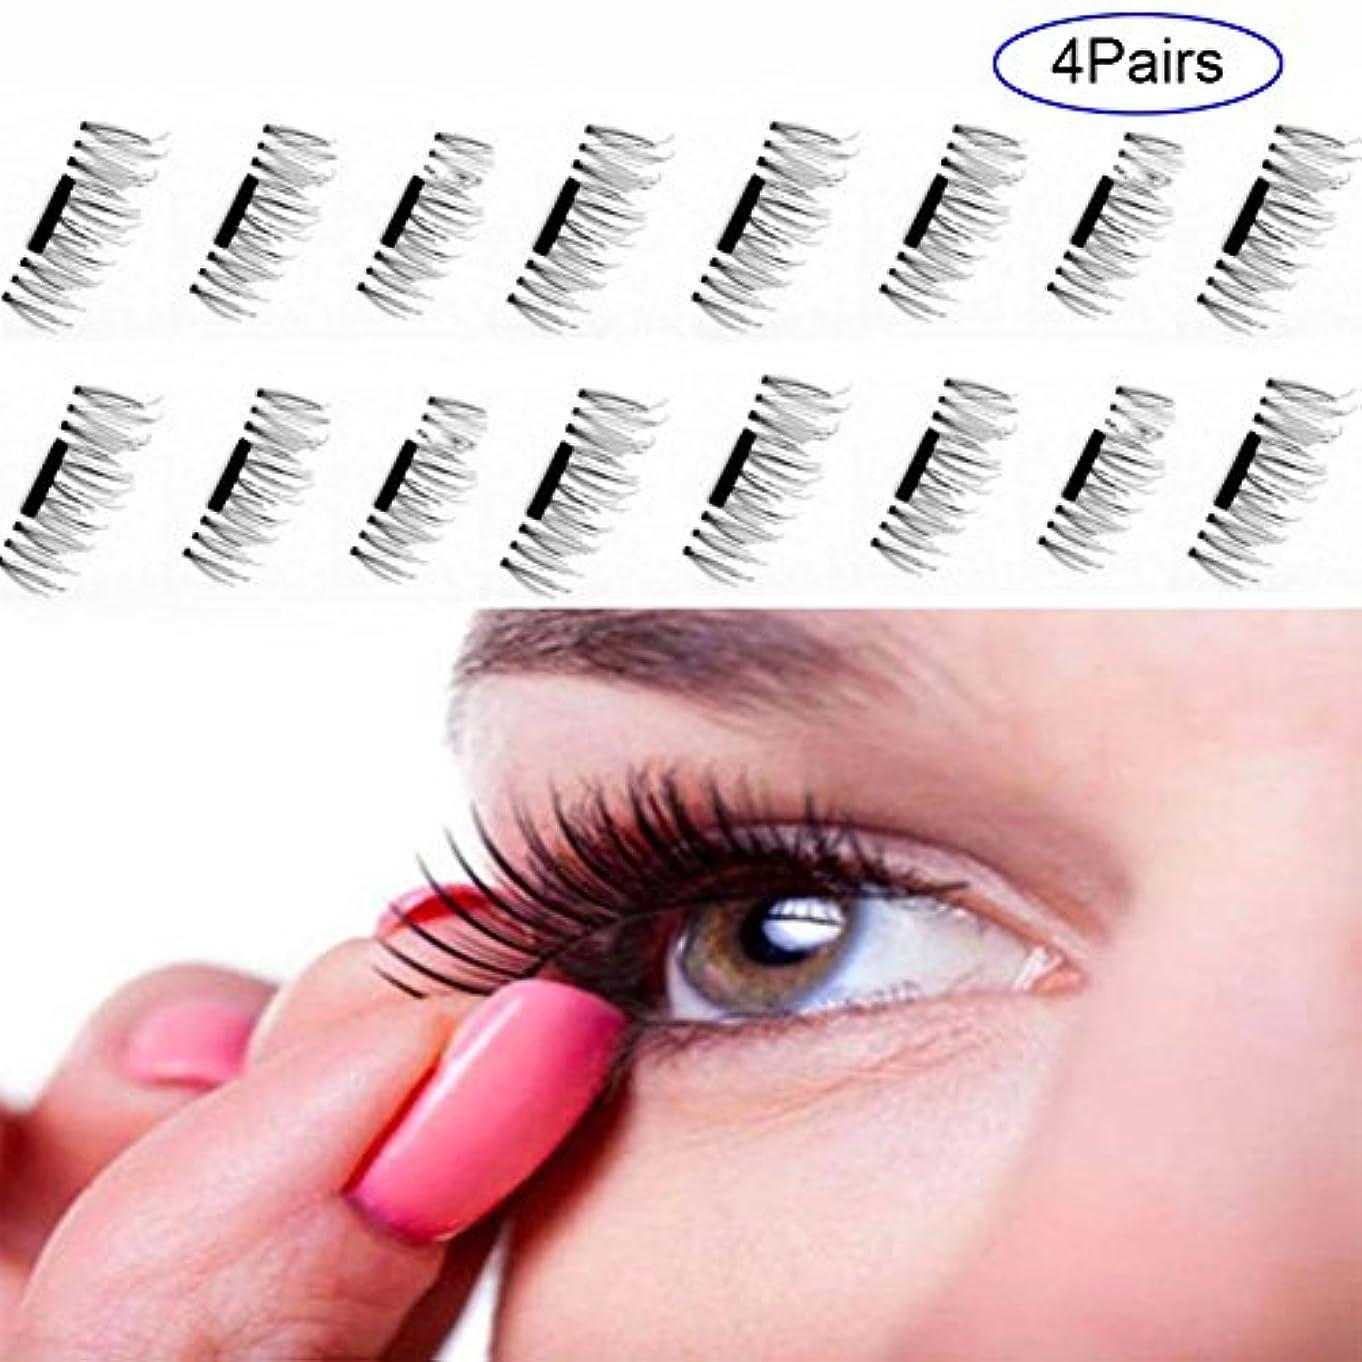 定説悲しいパーツxlp つけまつげ つけまつ毛 磁気フェイク睫毛 繊維 自然 ナチュラル 3D磁気 柔らかい 3D Magnetic False Eyelashes